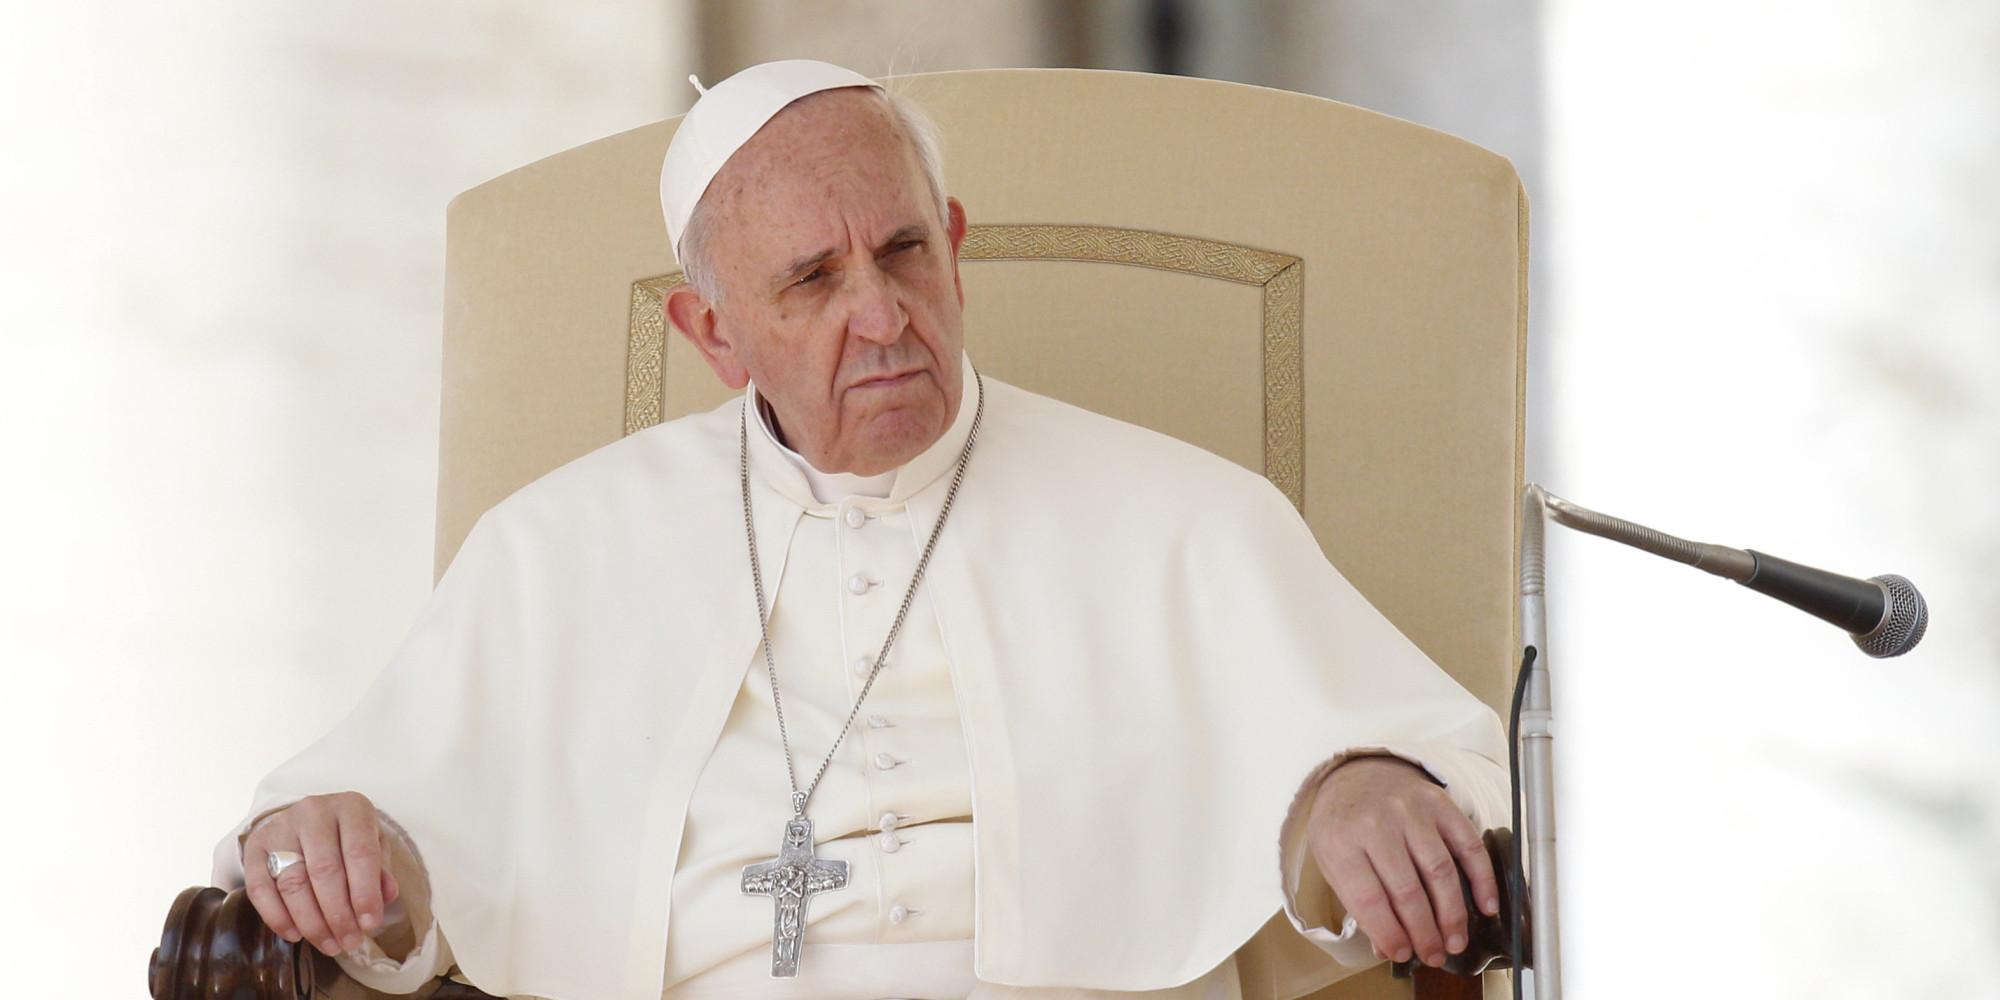 En esta fotografía del miércoles 18 de septiembre de 2013, se ve al papa Francisco sentado durante su audiencia general semanal en la Plaza de San Pedro, en el Vaticano. (Foto AP/Riccardo De Luca)